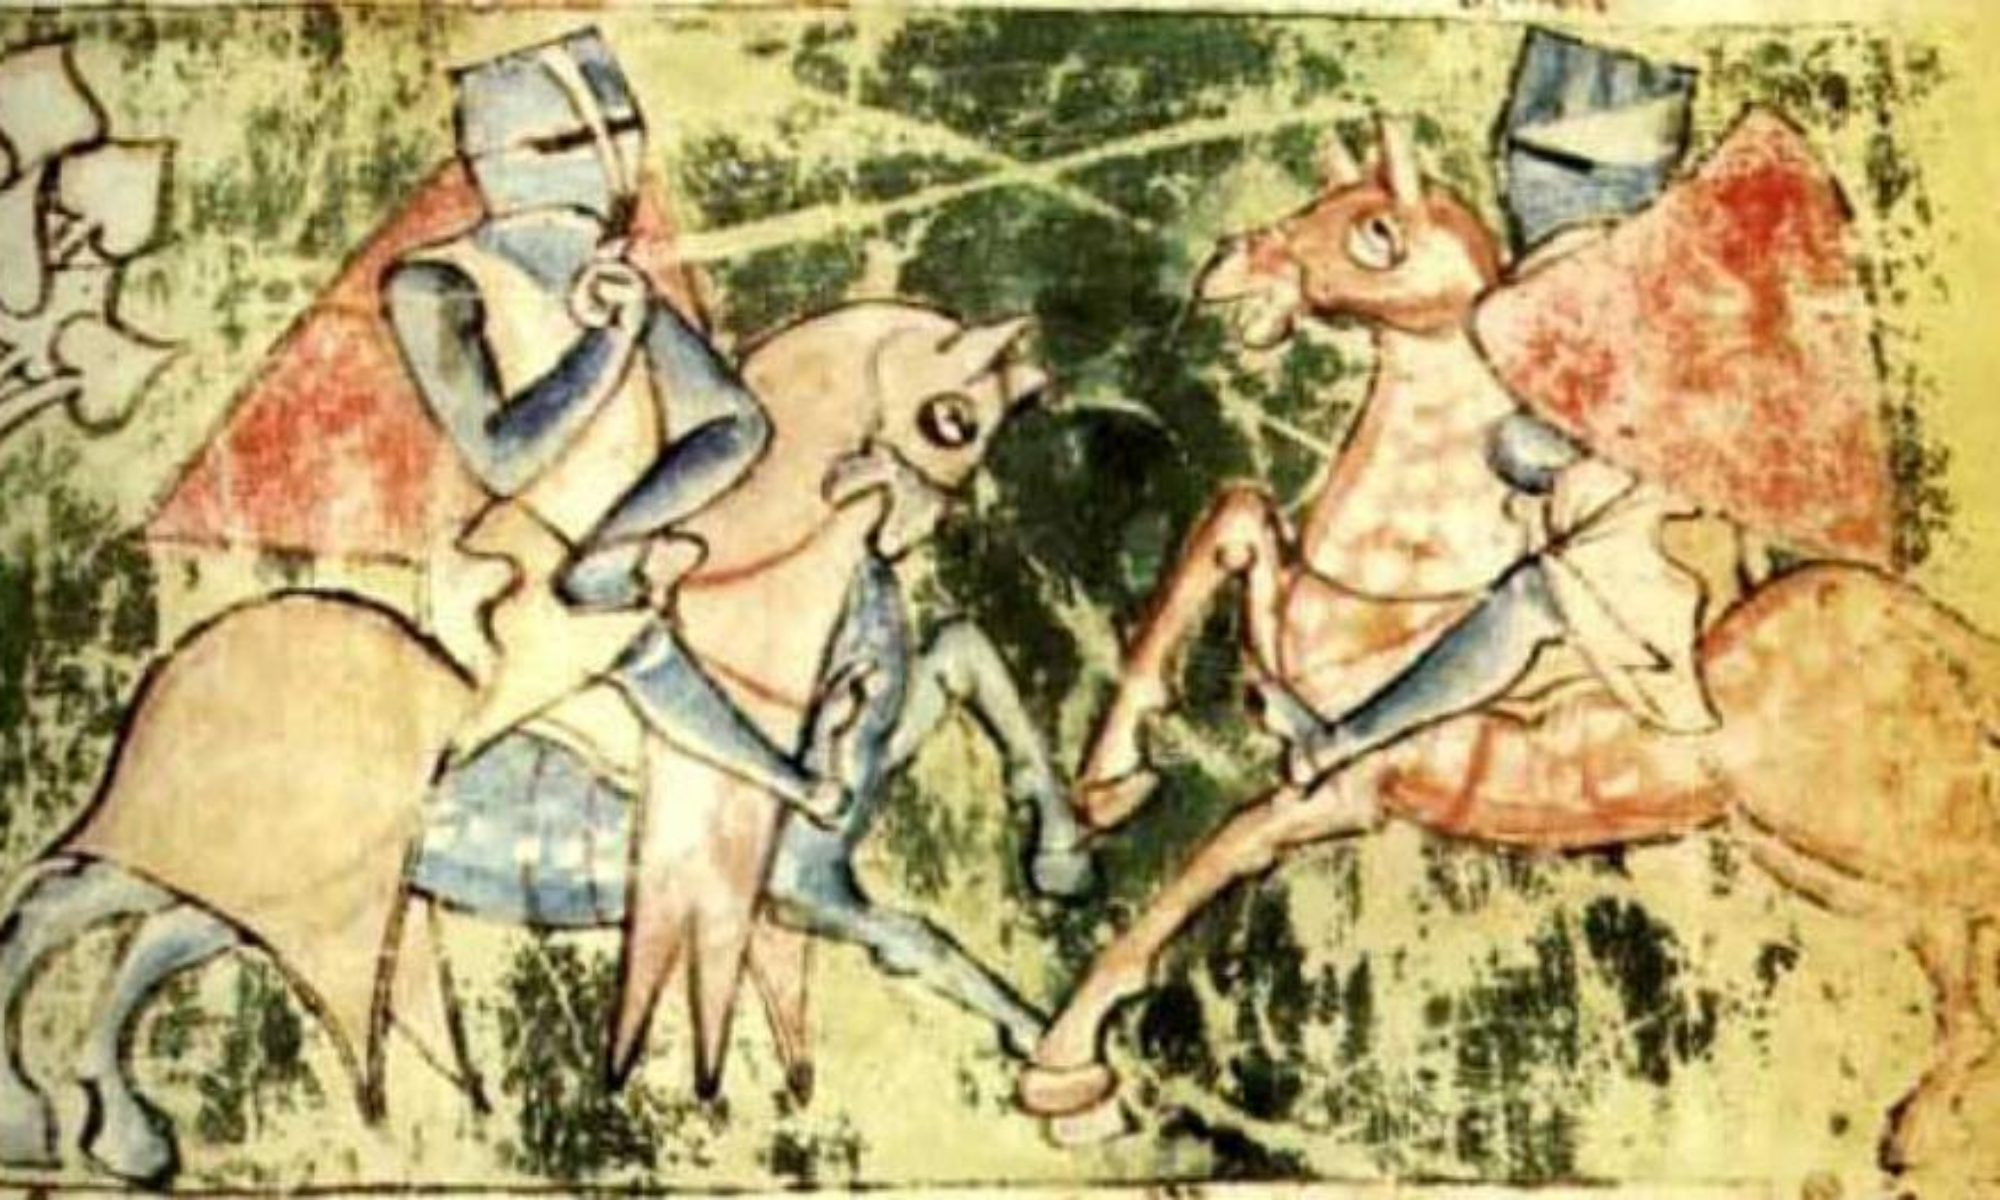 convenimus saeculo XIII